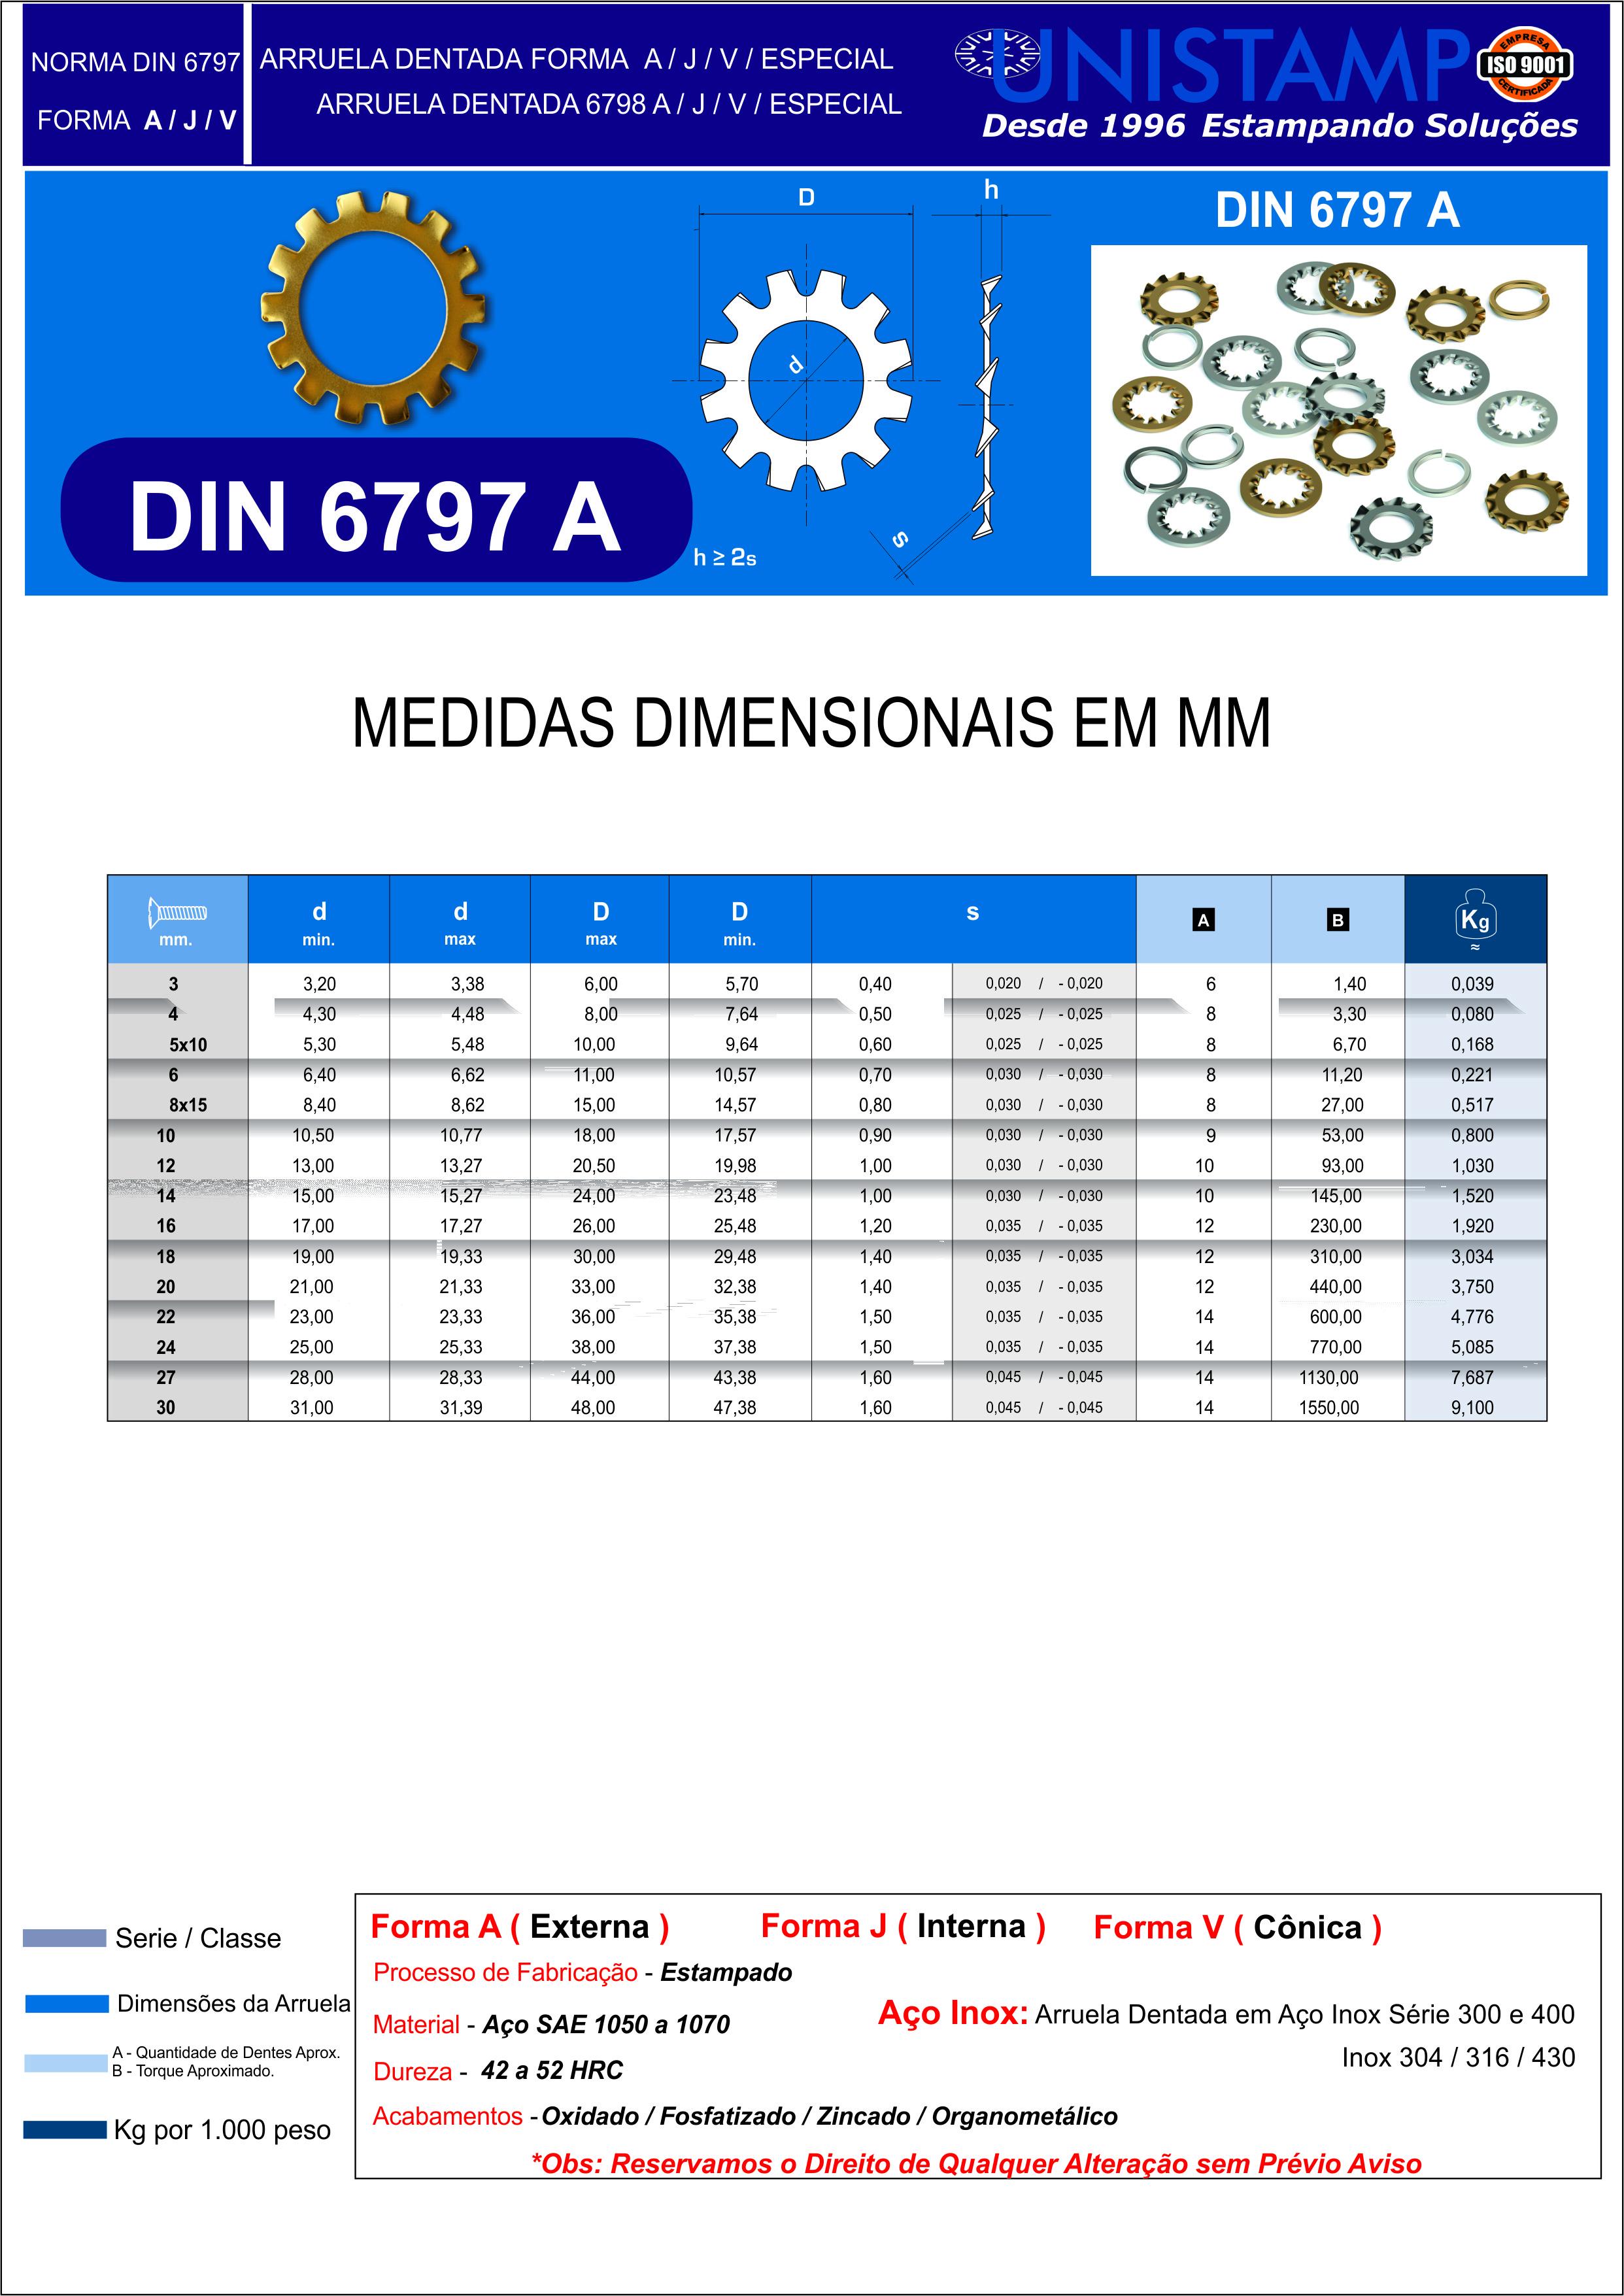 arruela dentada DIN 6797 A